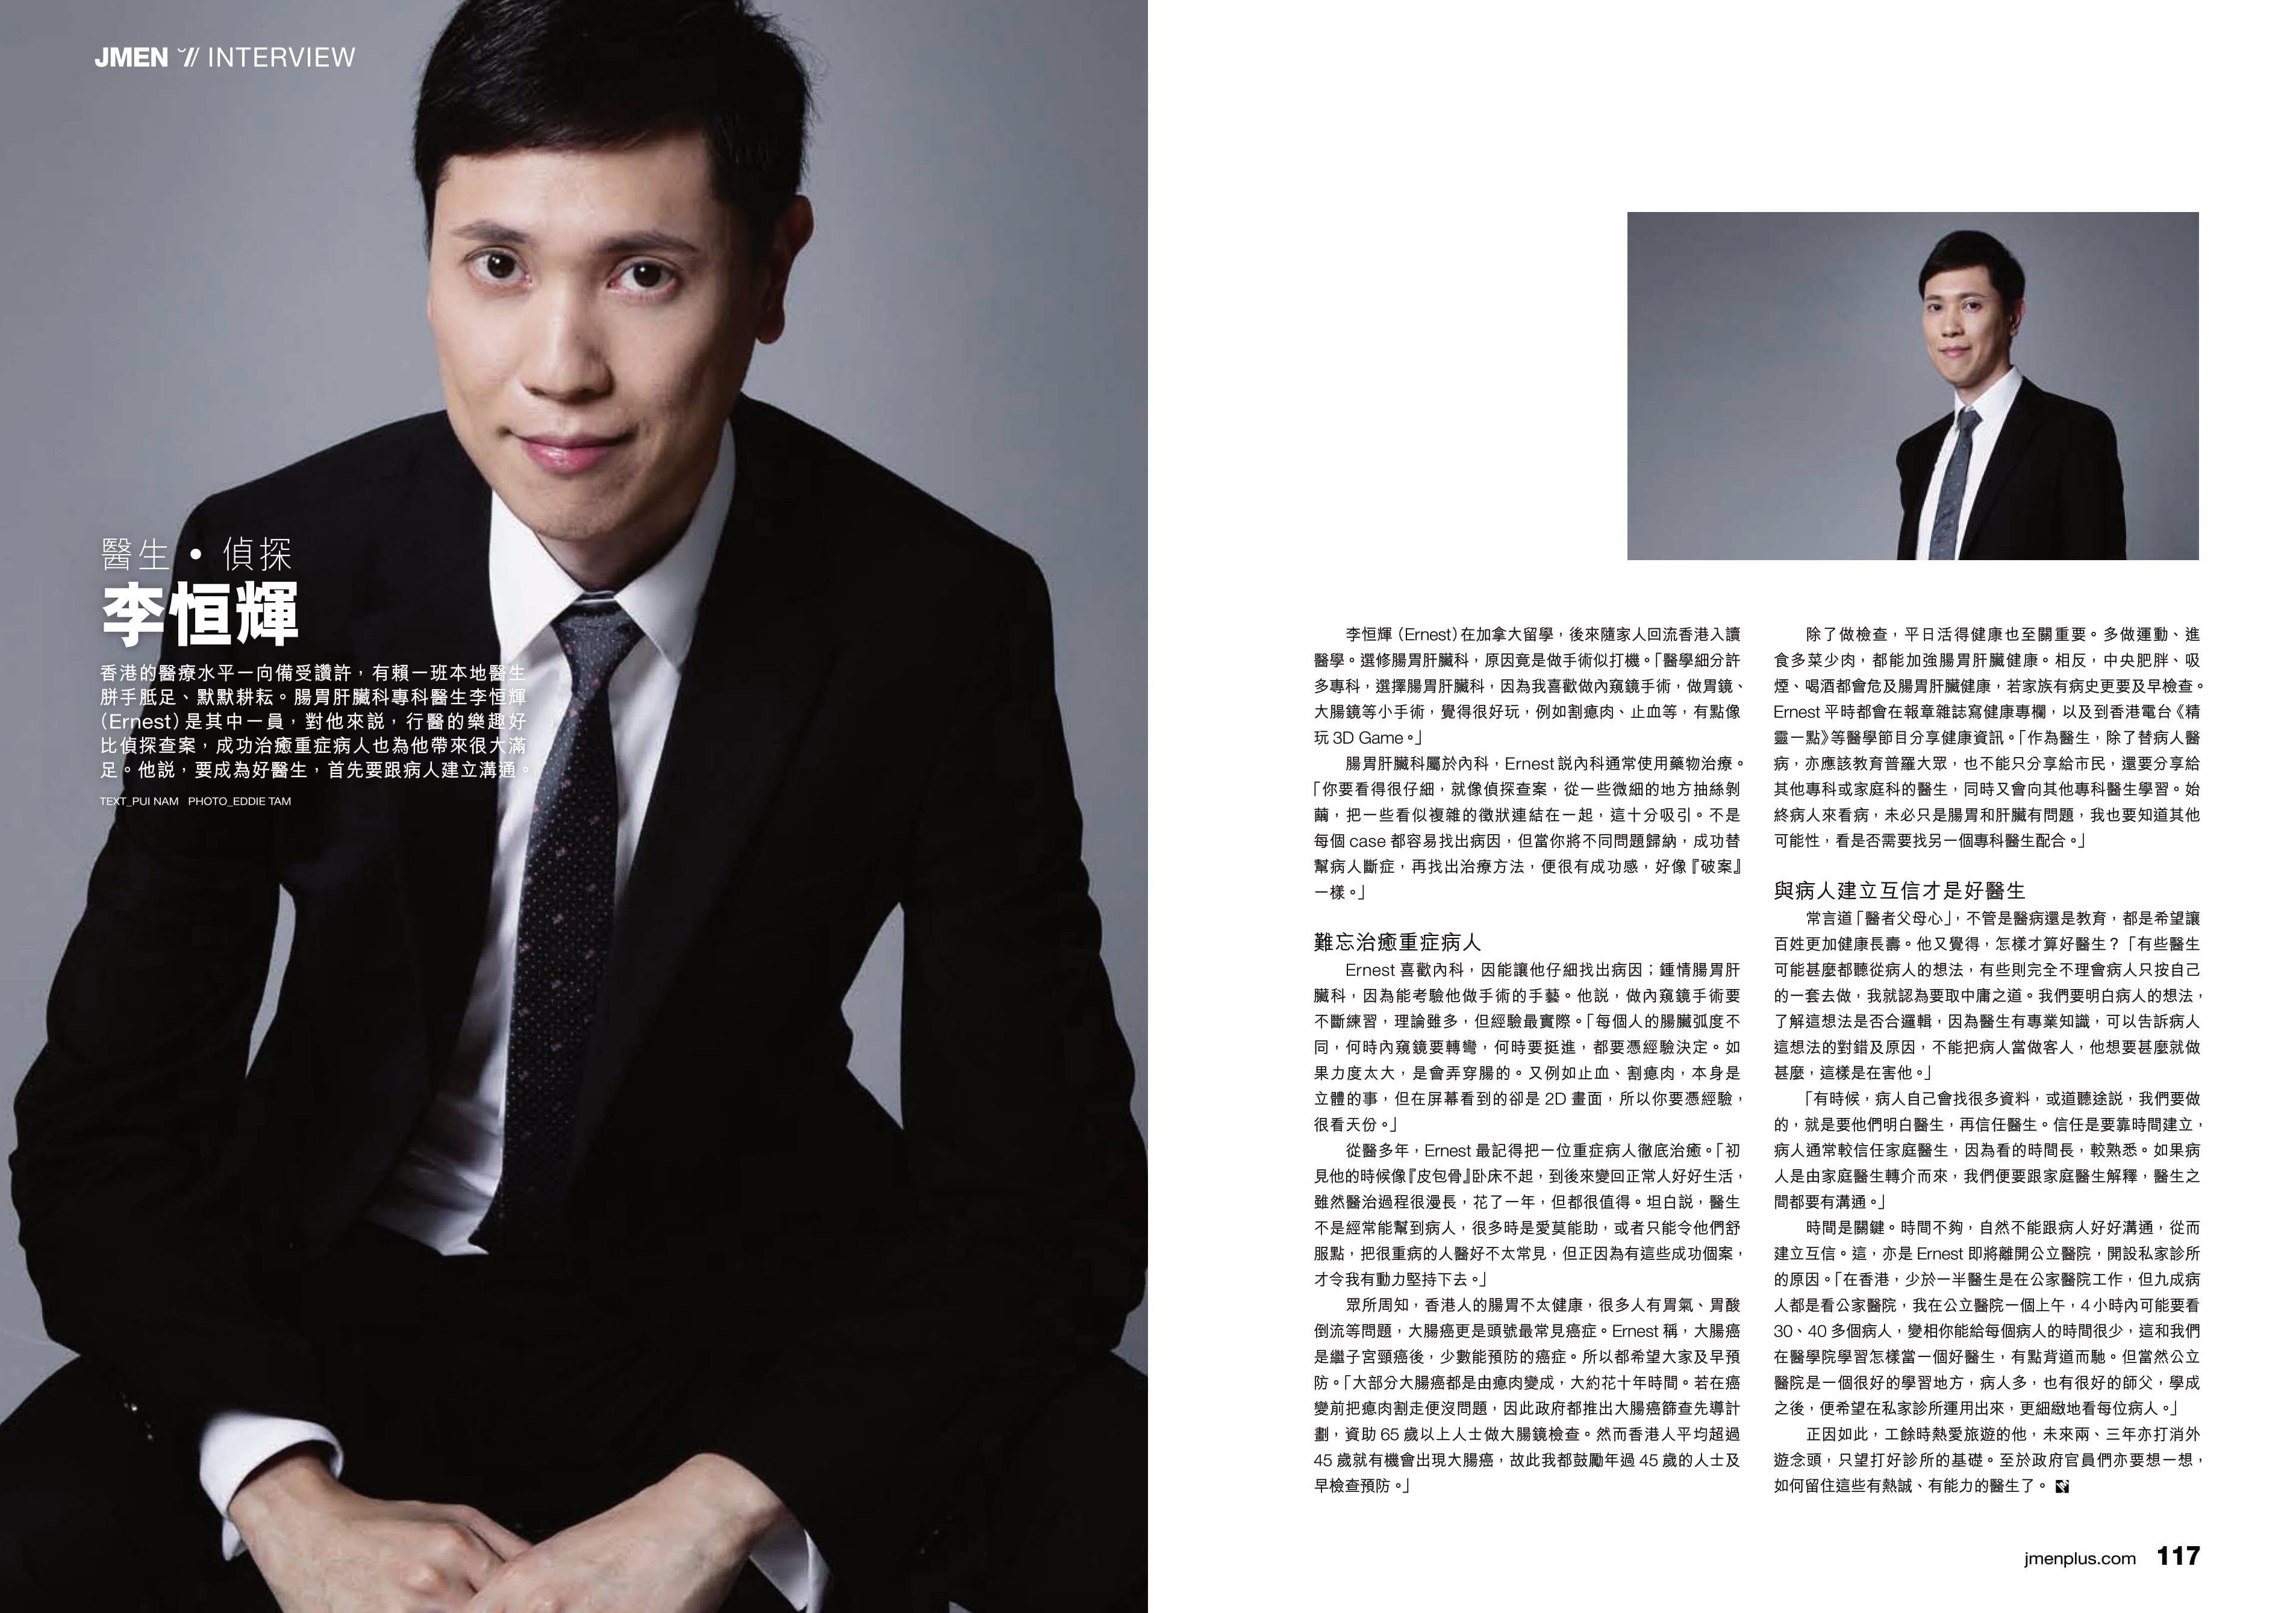 Article about JMEN magazine interview on Dr. Ernest Li